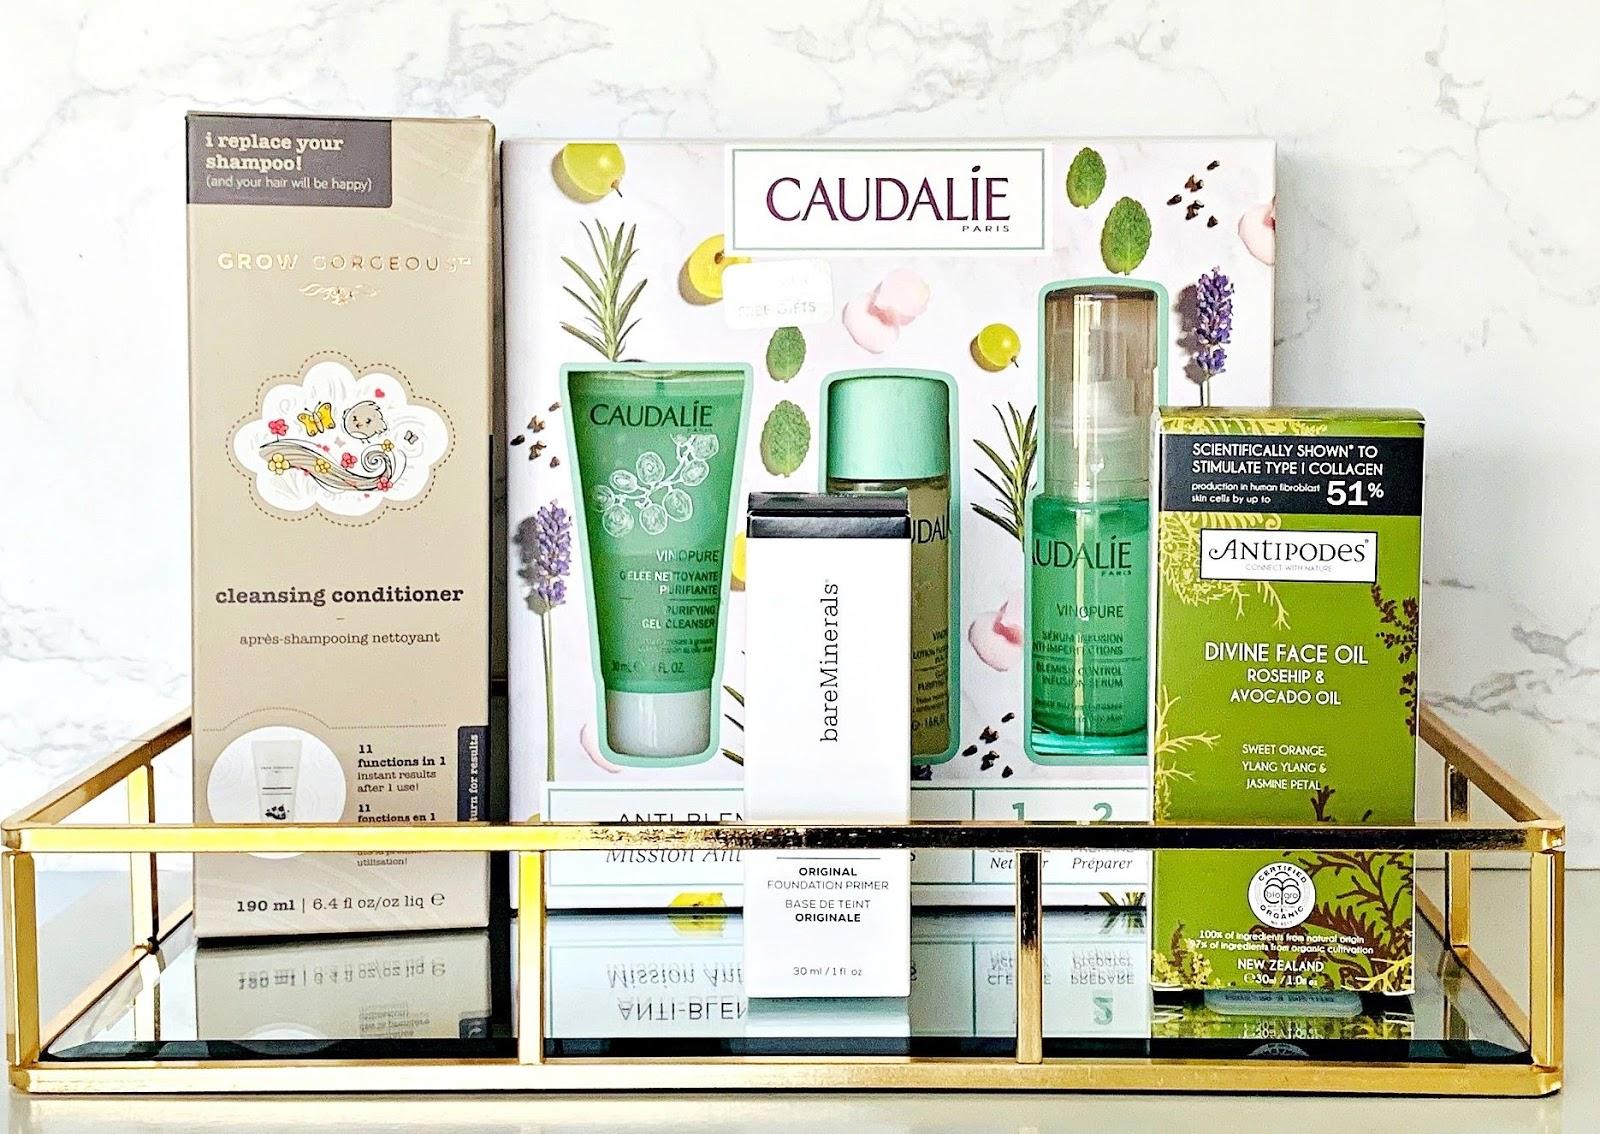 Win a beauty bundle March 2020, Beauty giveaway